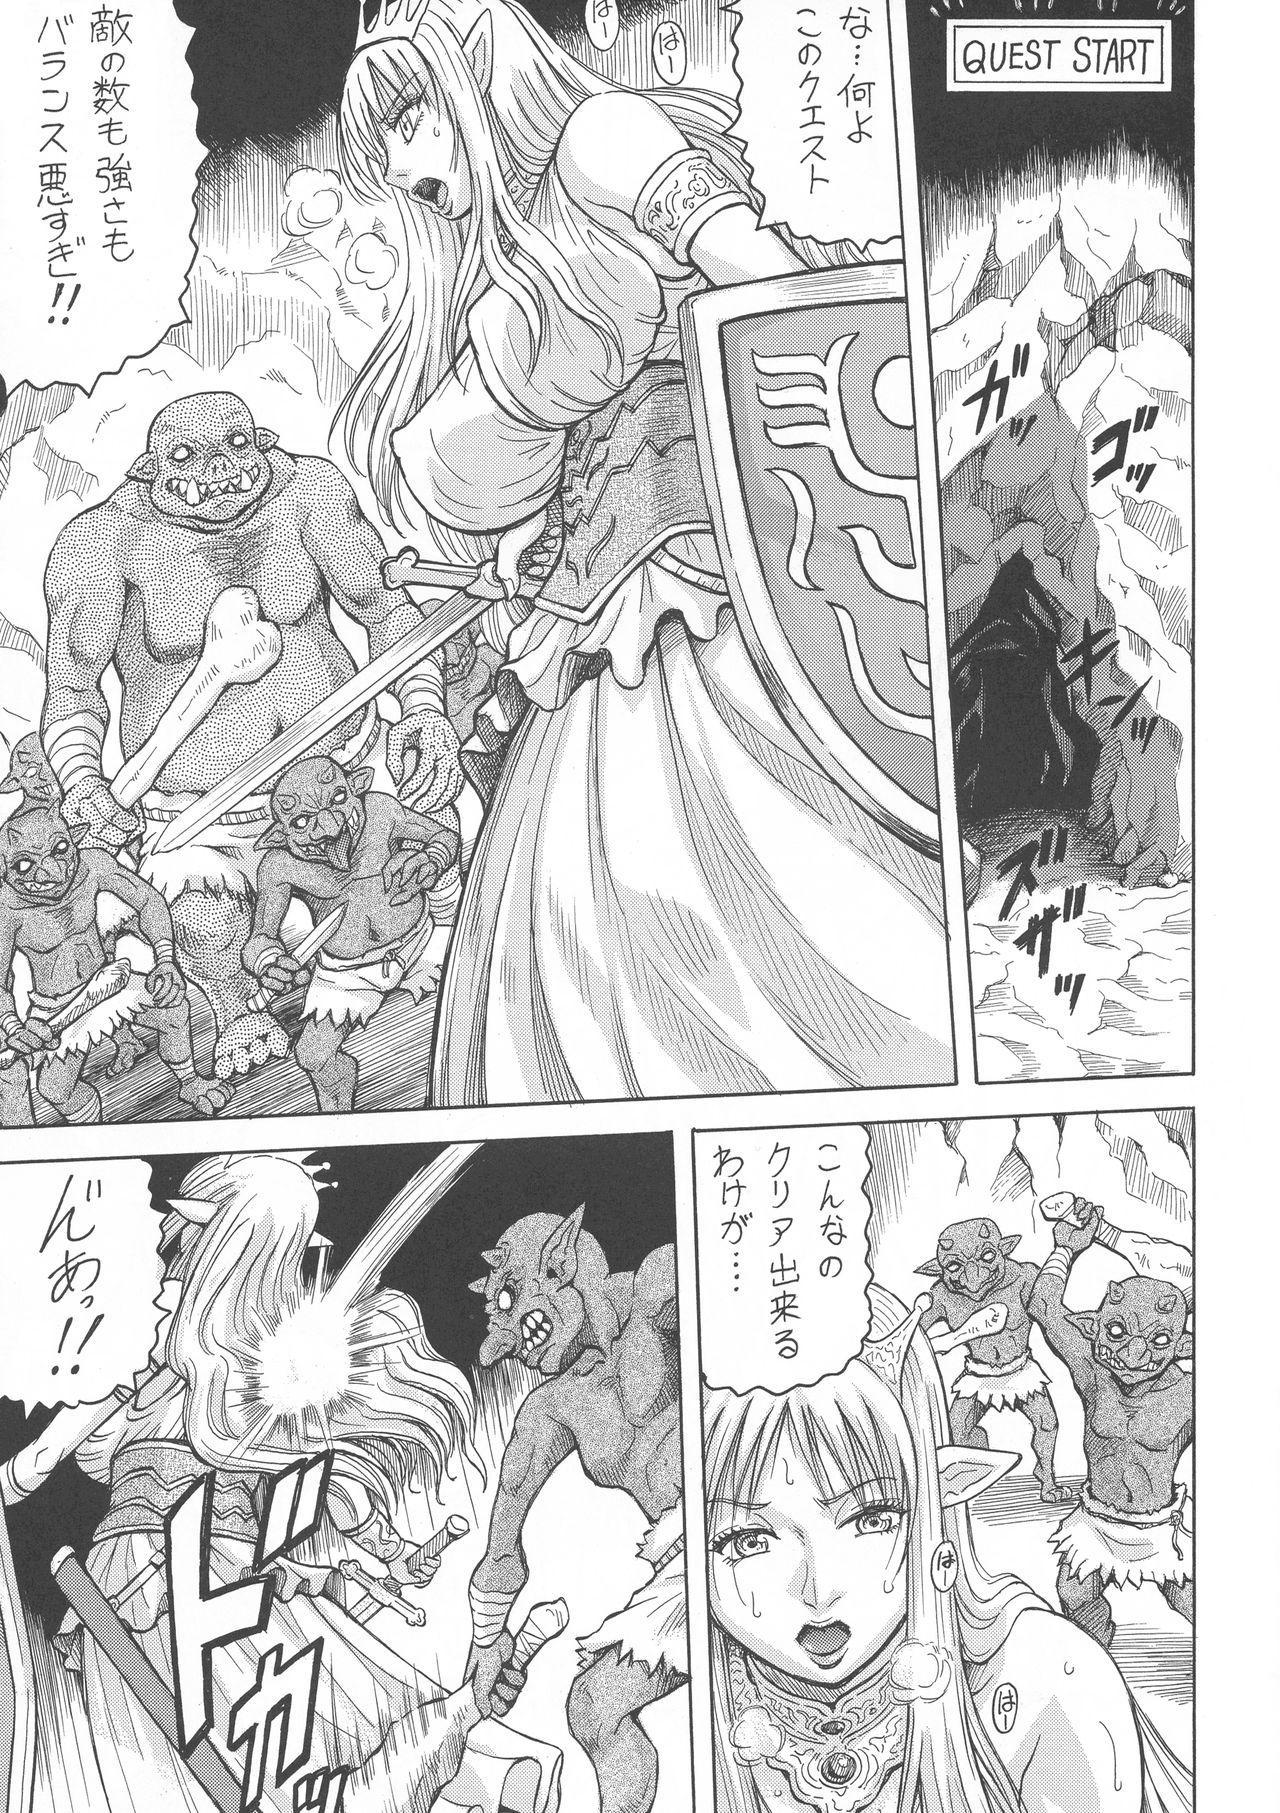 Game de Ecchi na Elf Seikatsu 4